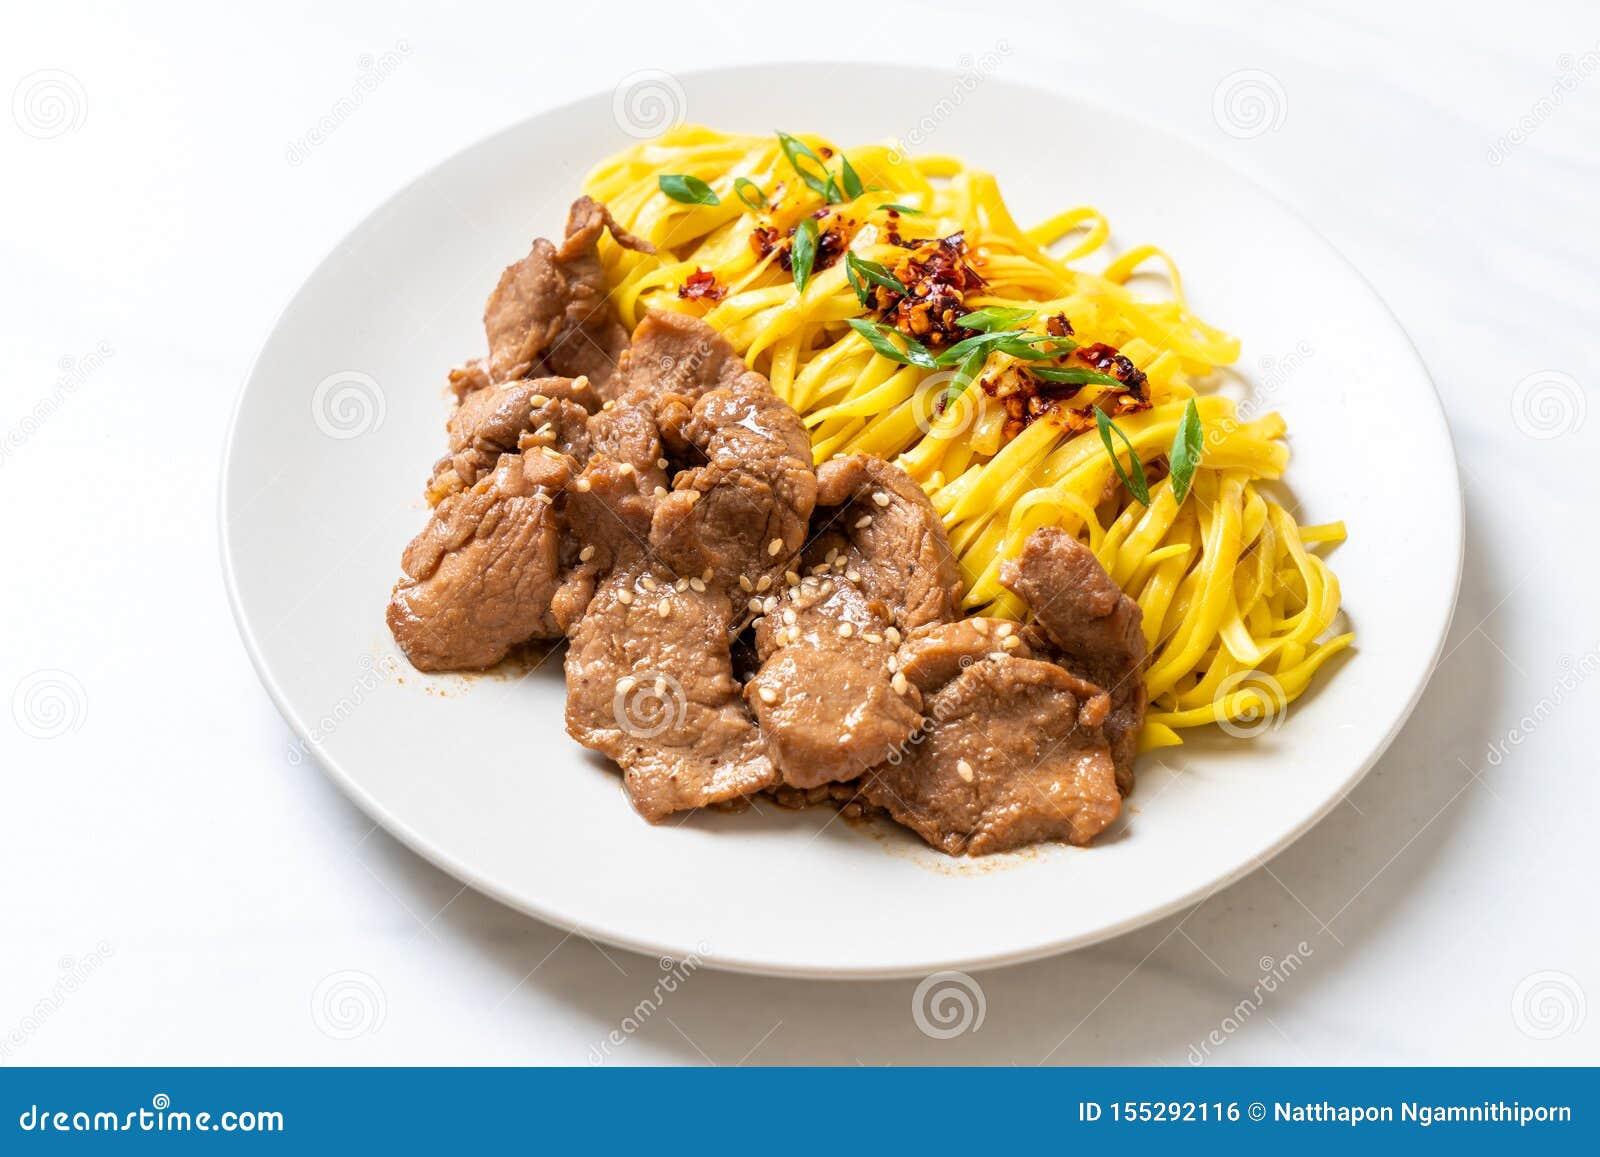 Asiatisk stekt under omrörning nudel med griskött